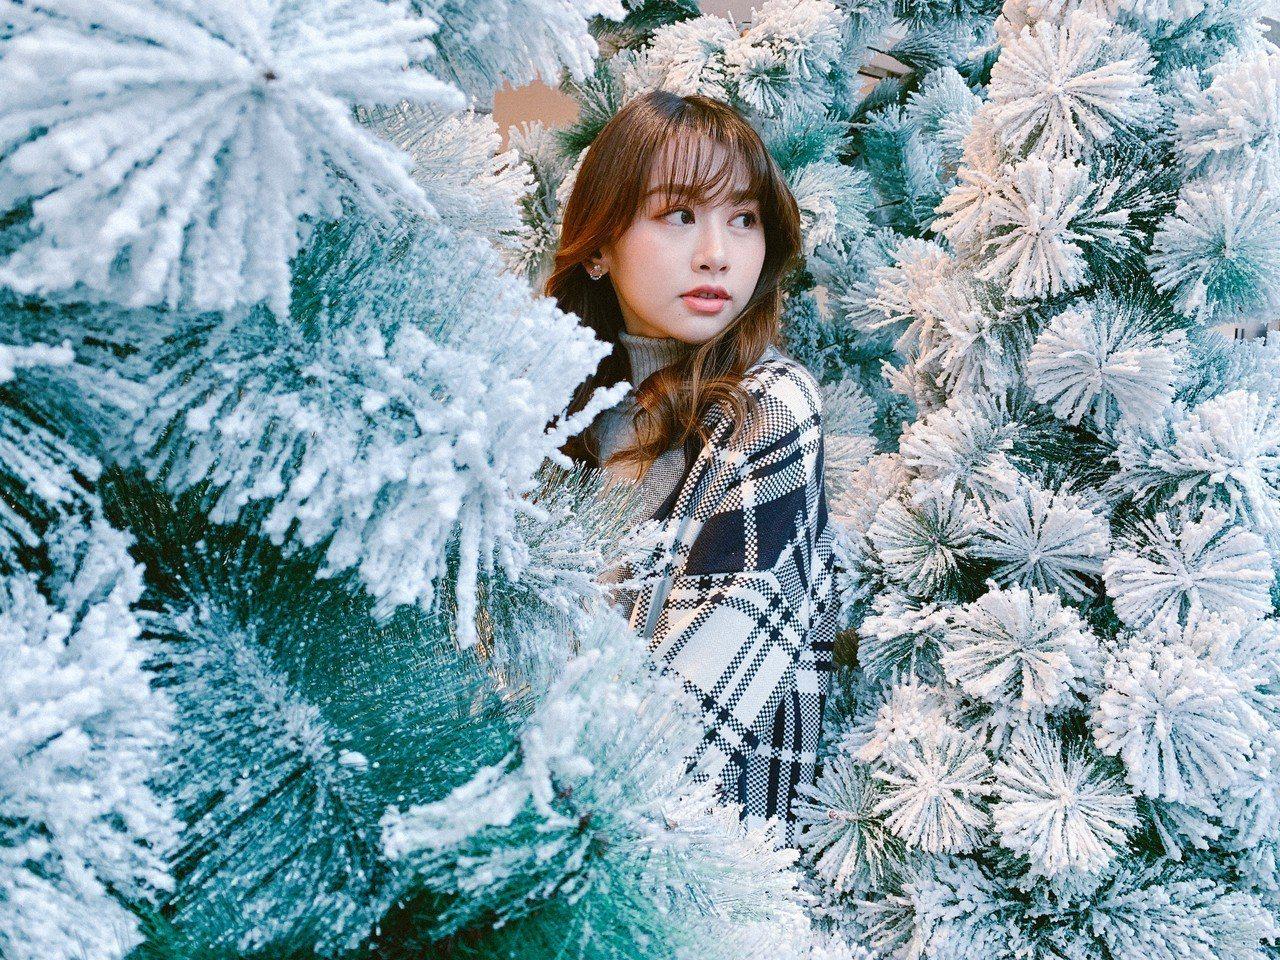 不把整棵耶誕樹完整拍進去,反而有種被耶誕森林包圍的特殊氛圍。圖/@River.T...